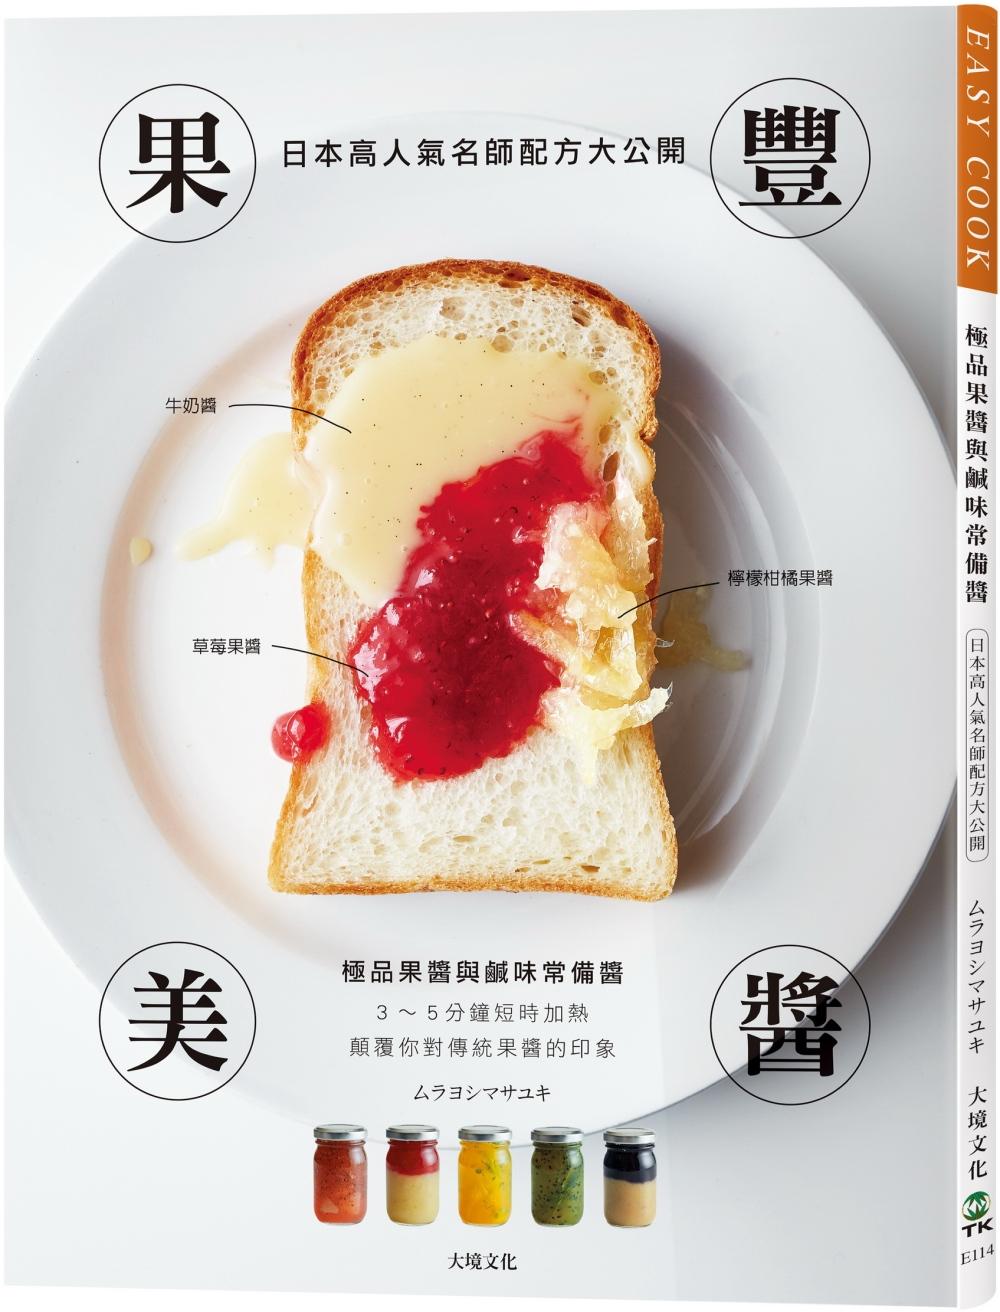 果豐美醬「極品果醬&鹹味常備醬」:日本高人氣名師配方大公開,顛覆你對傳統果醬的印象, 3~5分鐘短時加熱,濃縮封存大地的鮮美豐味